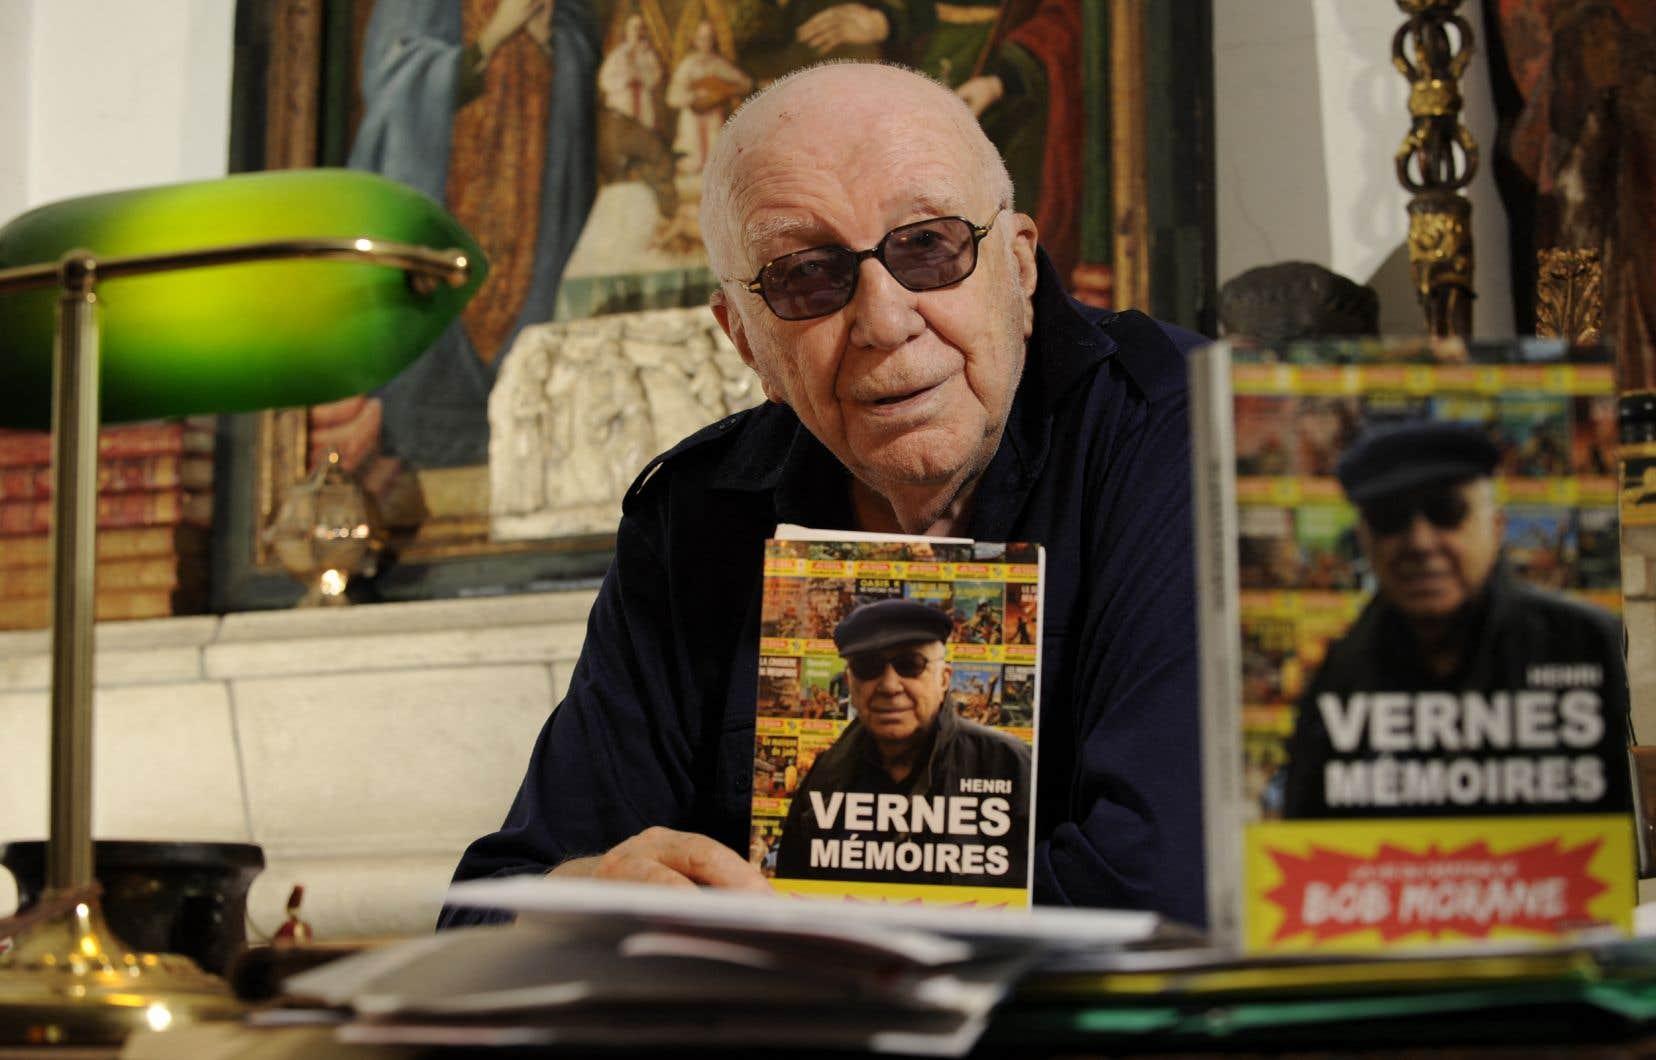 Doté d'une imagination fertile, Henri Vernes a gardé, sa vie durant, la passion de l'écriture et des plaisirs de la vie, avec une malice et une énergie faisant oublier son grand âge.